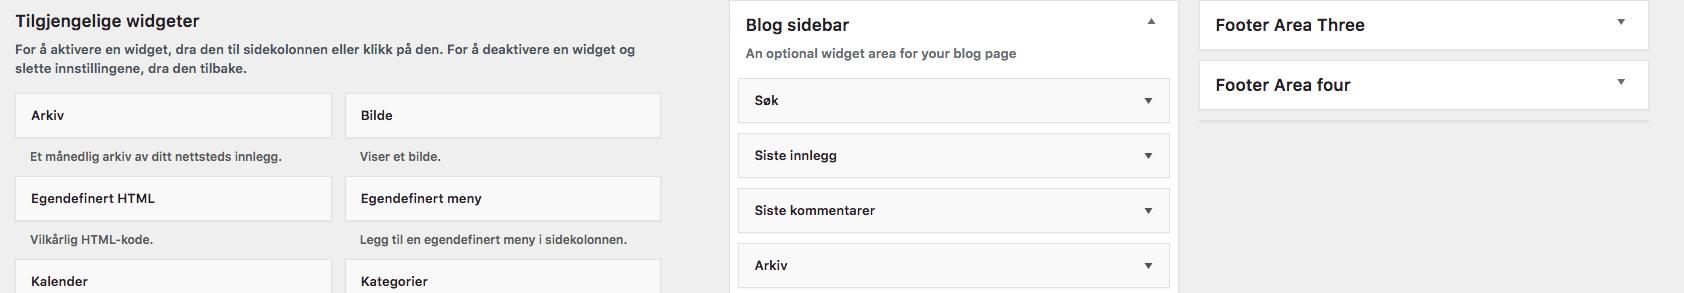 Wordpress Widgeter